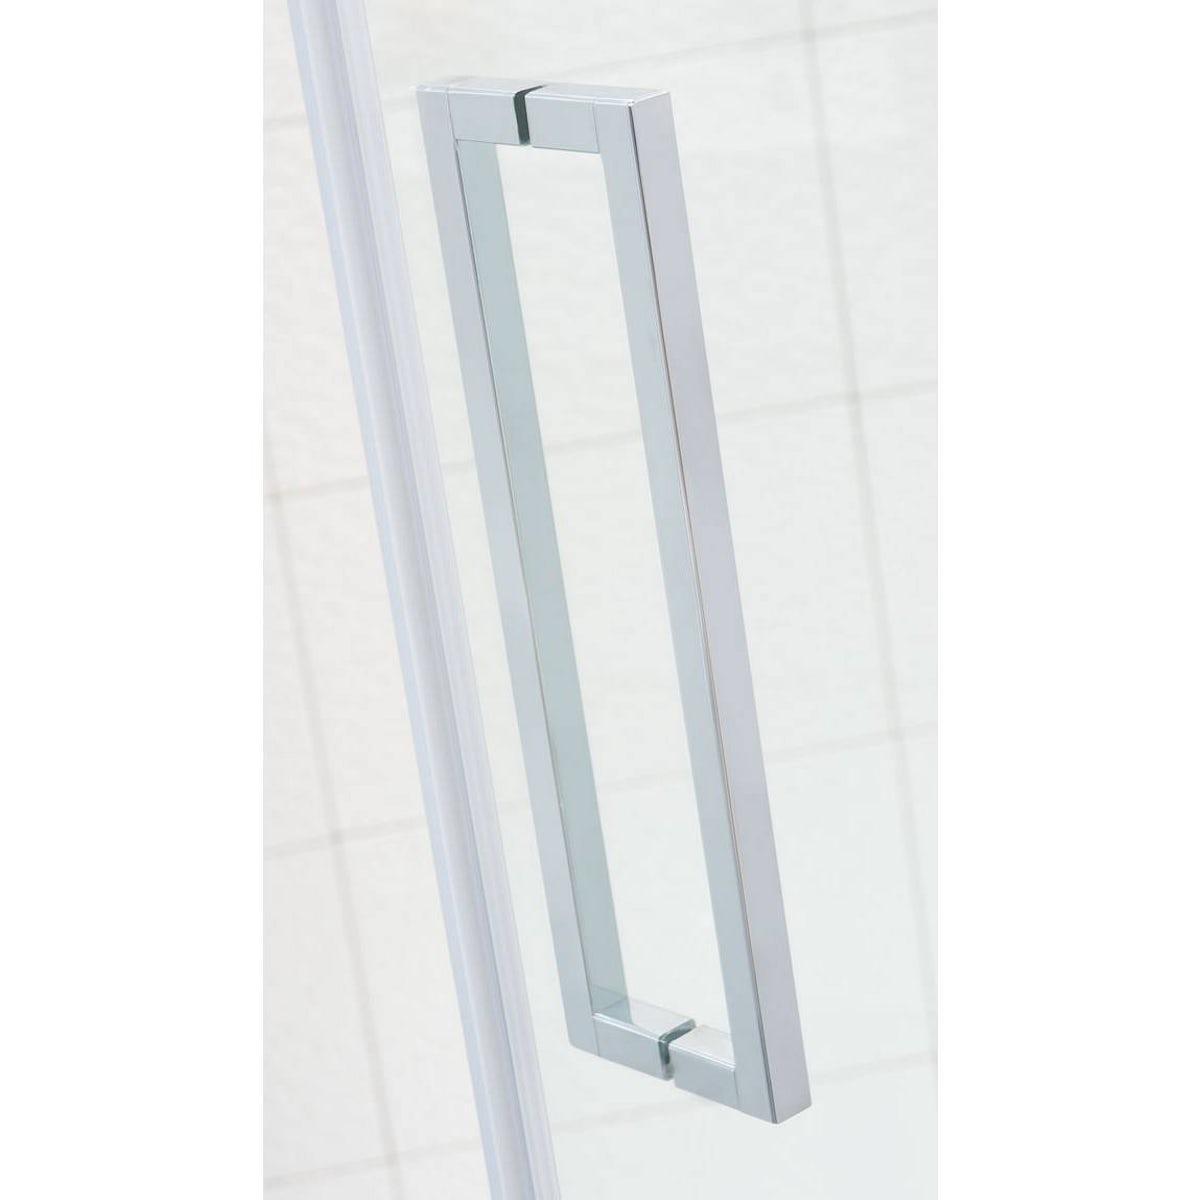 Mode luxury 8mm left handed frameless hinged shower door for 1200 shower door 8mm glass